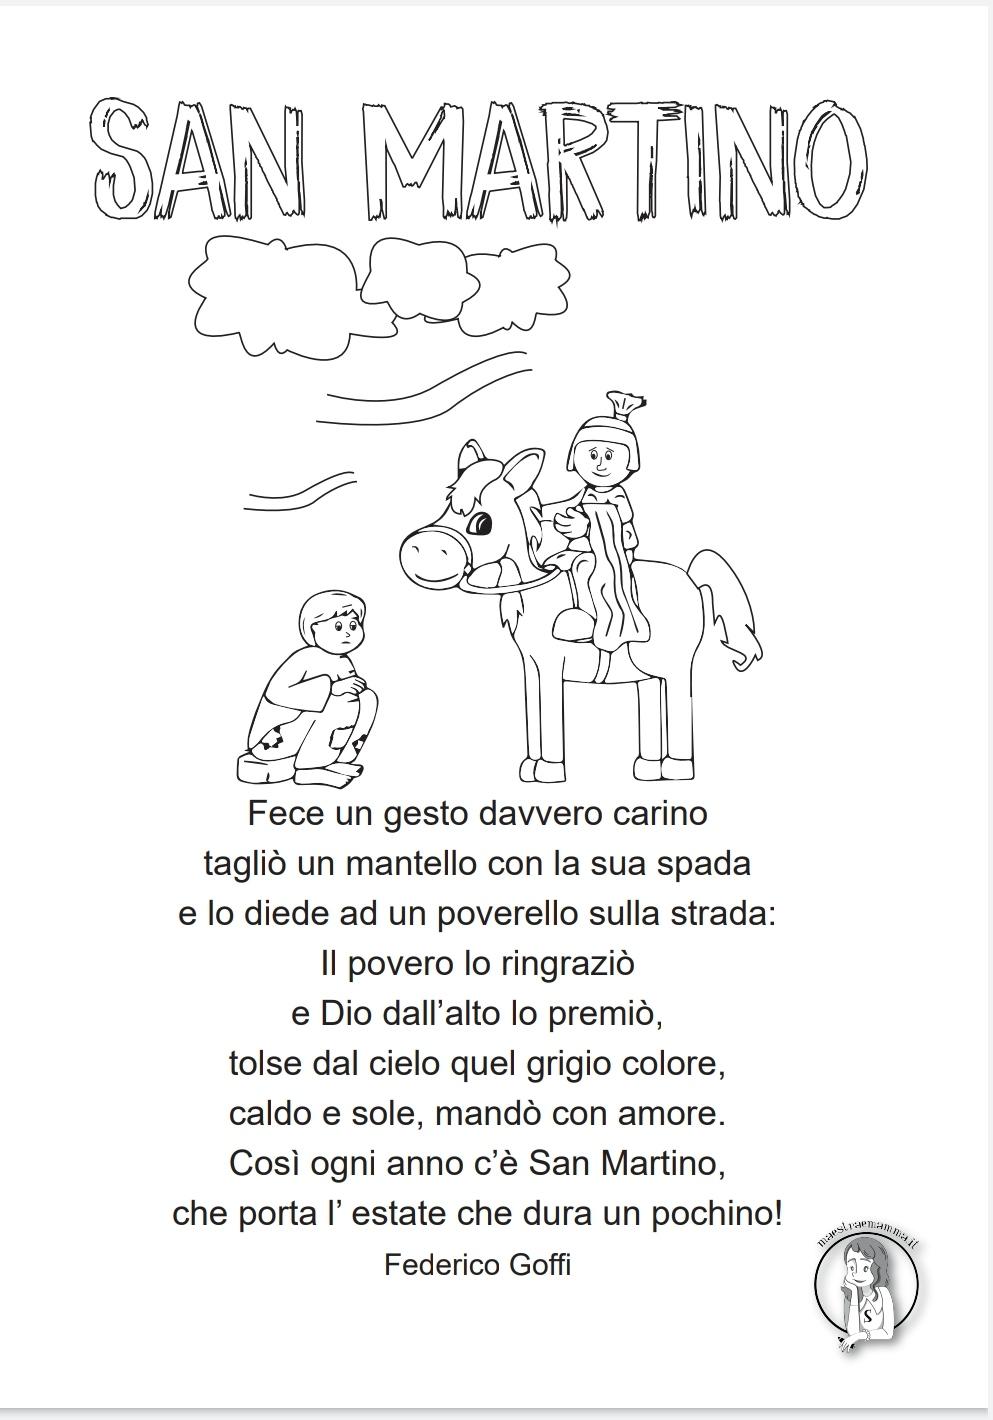 poesia di san martino per gli alunni di scuola primaria di federico goffi da colorare in bianco e nero